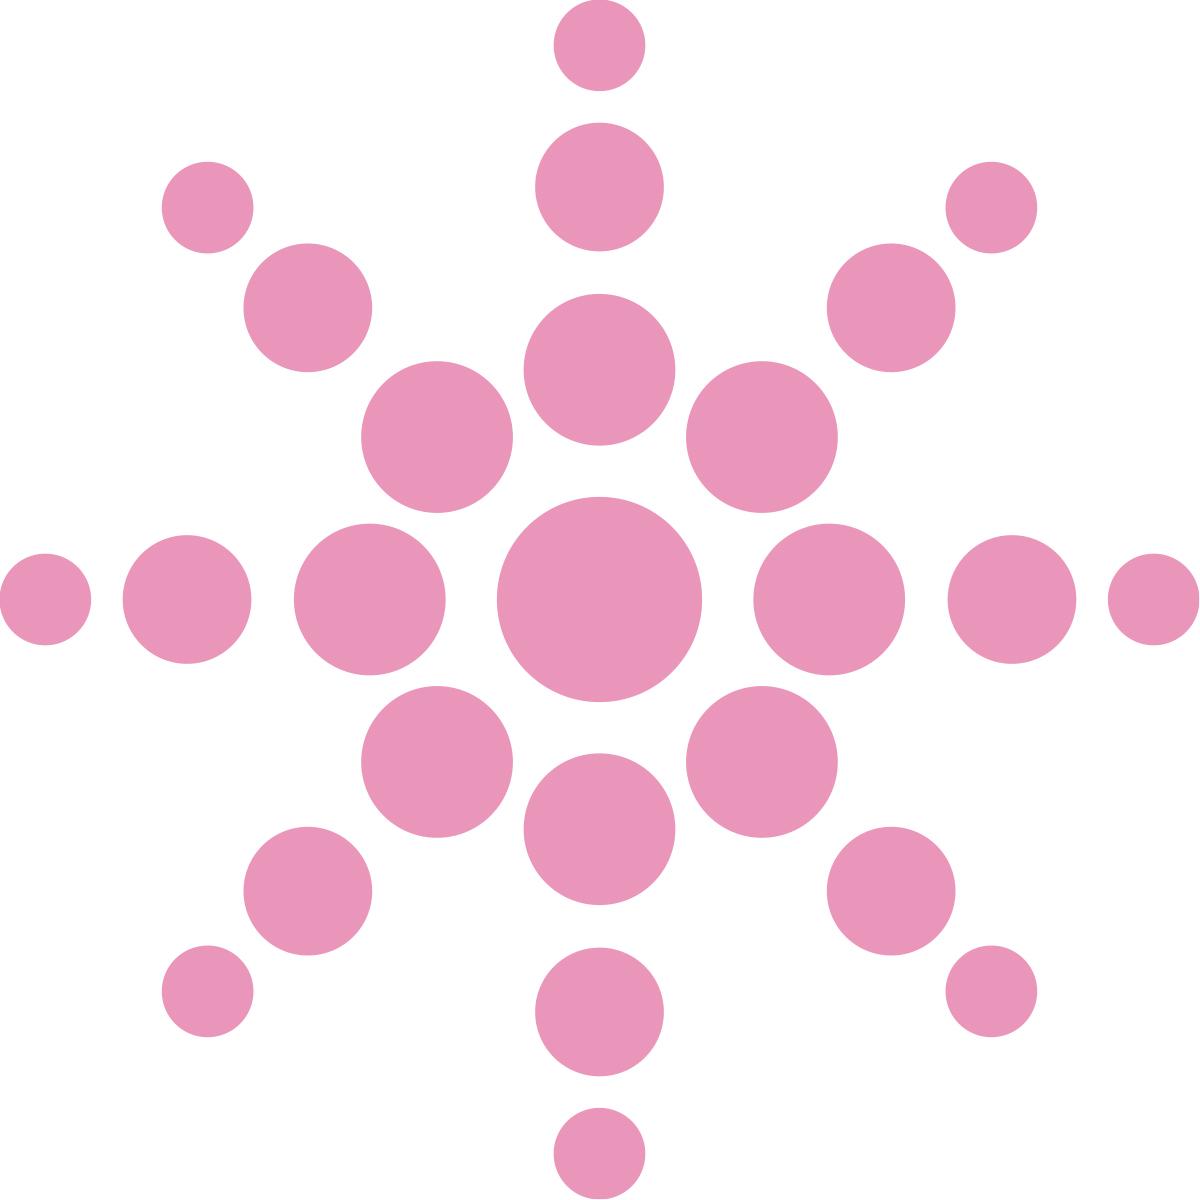 FolkArt ® 3D™ Acrylic Paint - Soft Pink, 2 oz. - 6401